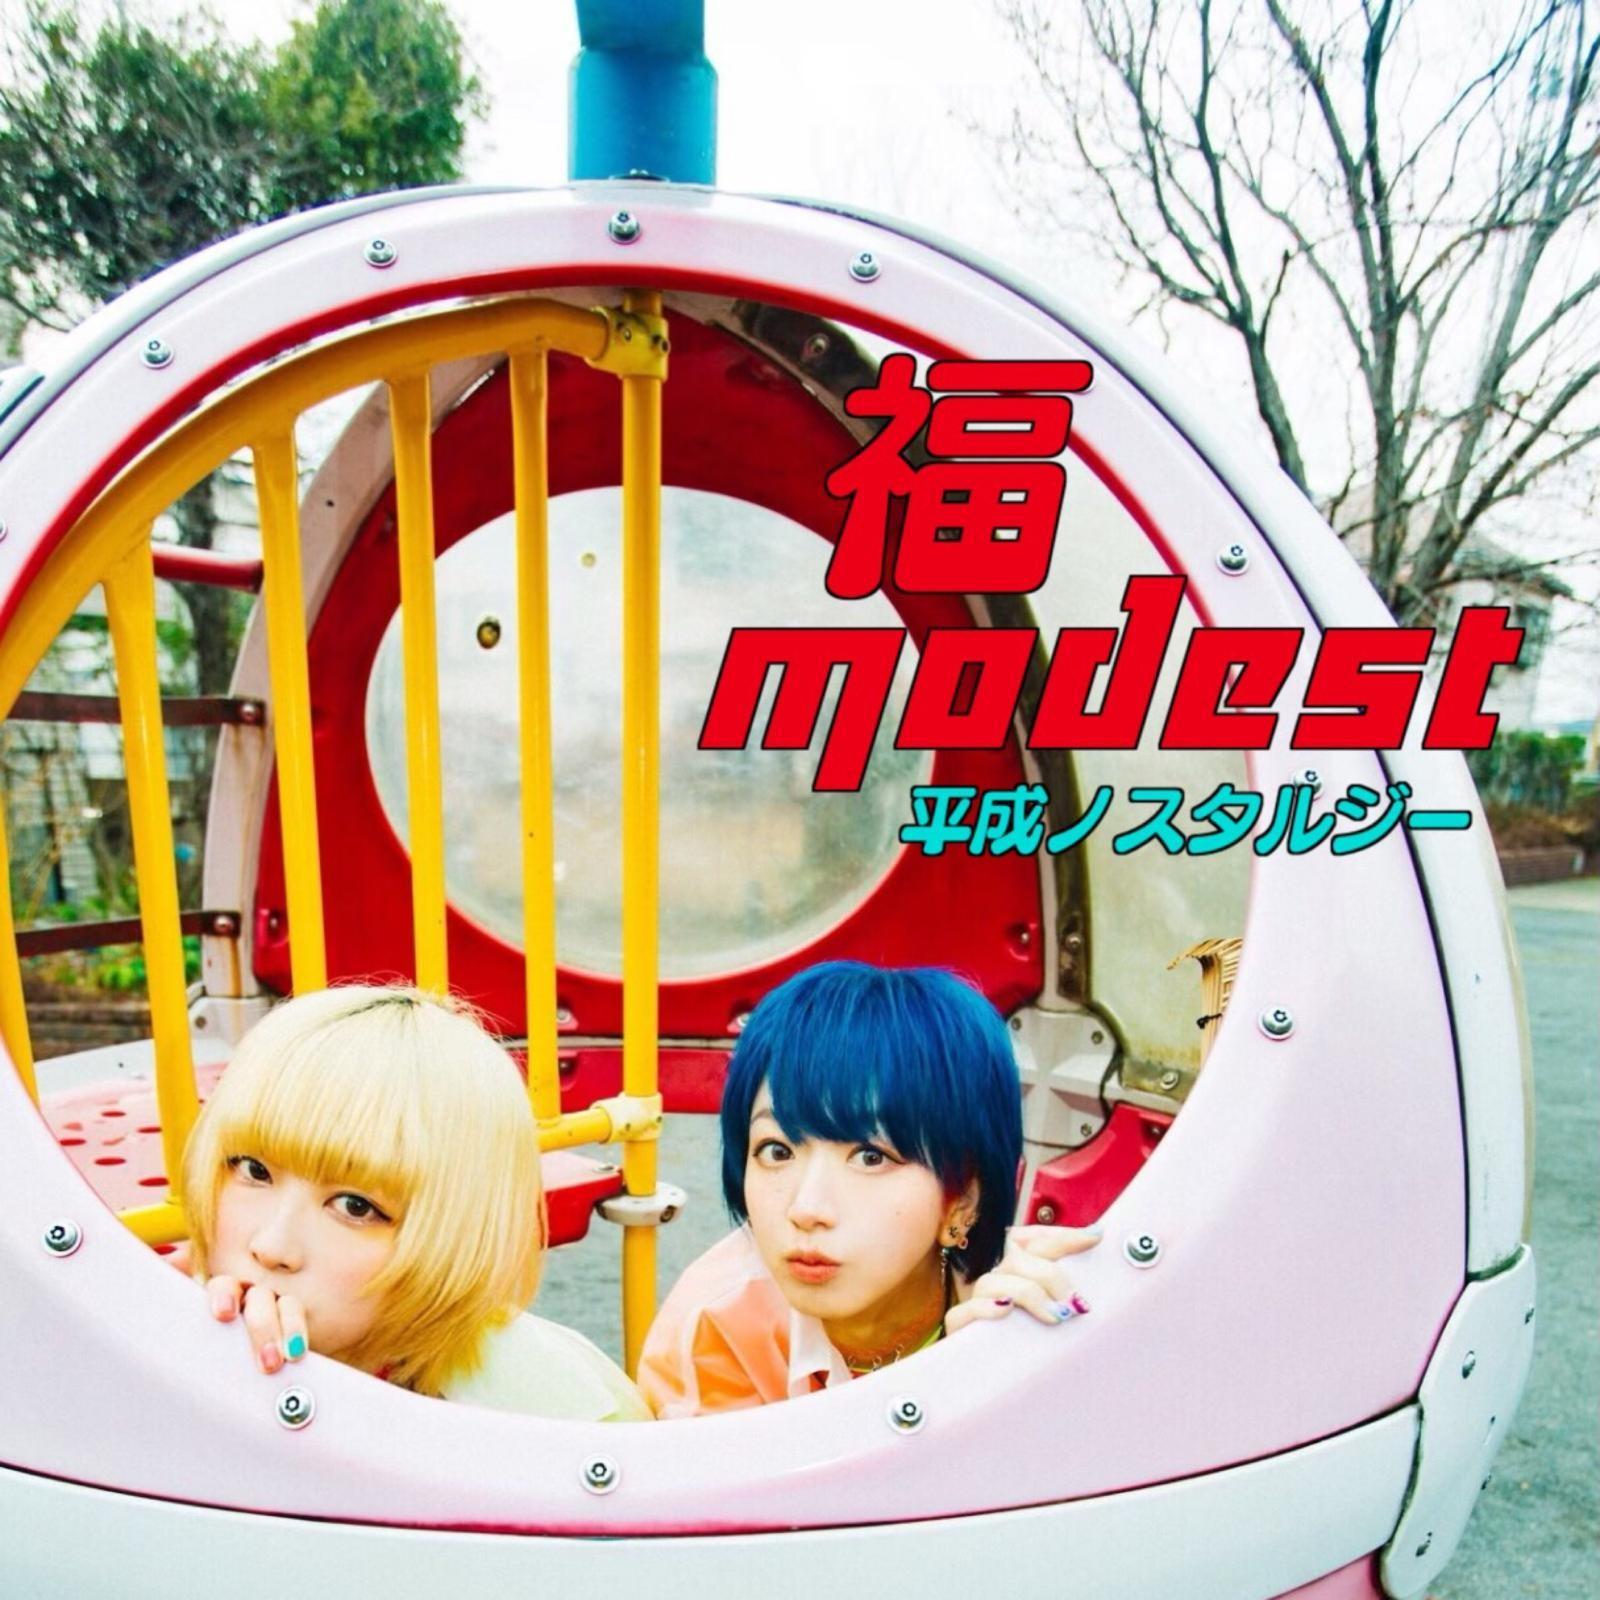 福modest – 平成ノスタルジー [FLAC + MP3 320 / WEB] [2019.04.15]